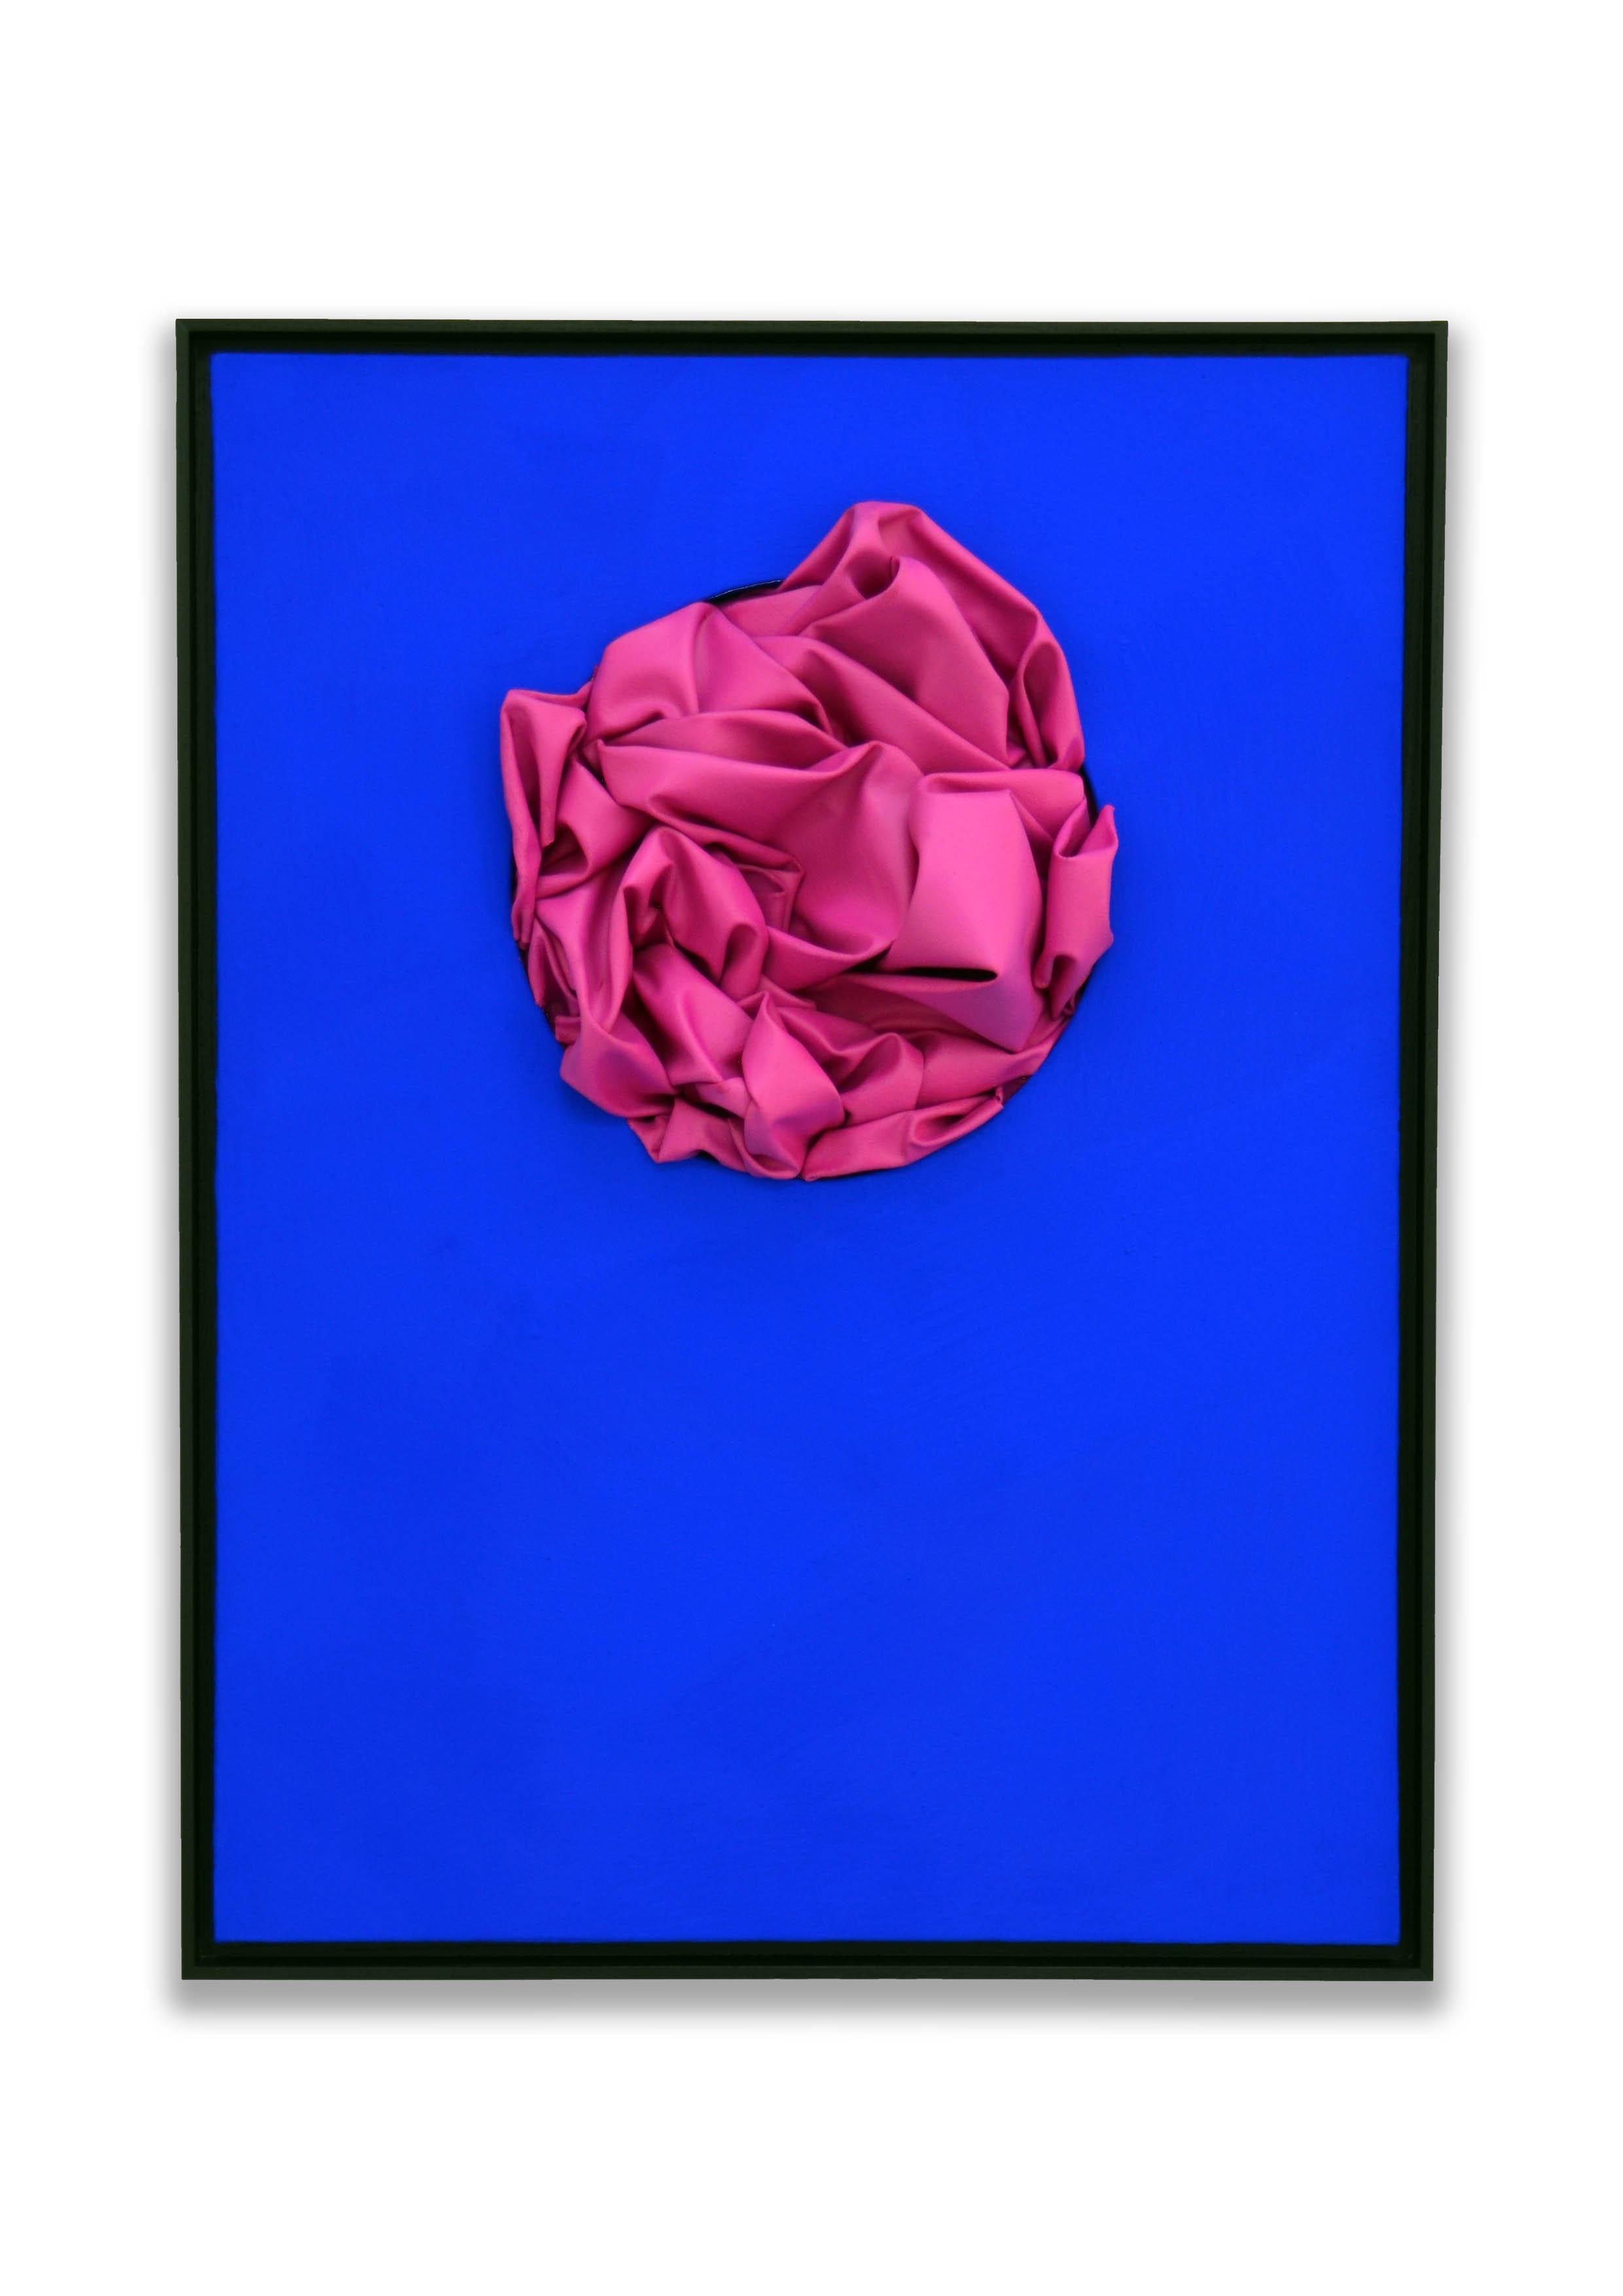 Una Maestà 28/08/2017  - 2017  Pigmento acrilico su tela  80 x 60 cm (senza cornice)  Collezione Privata